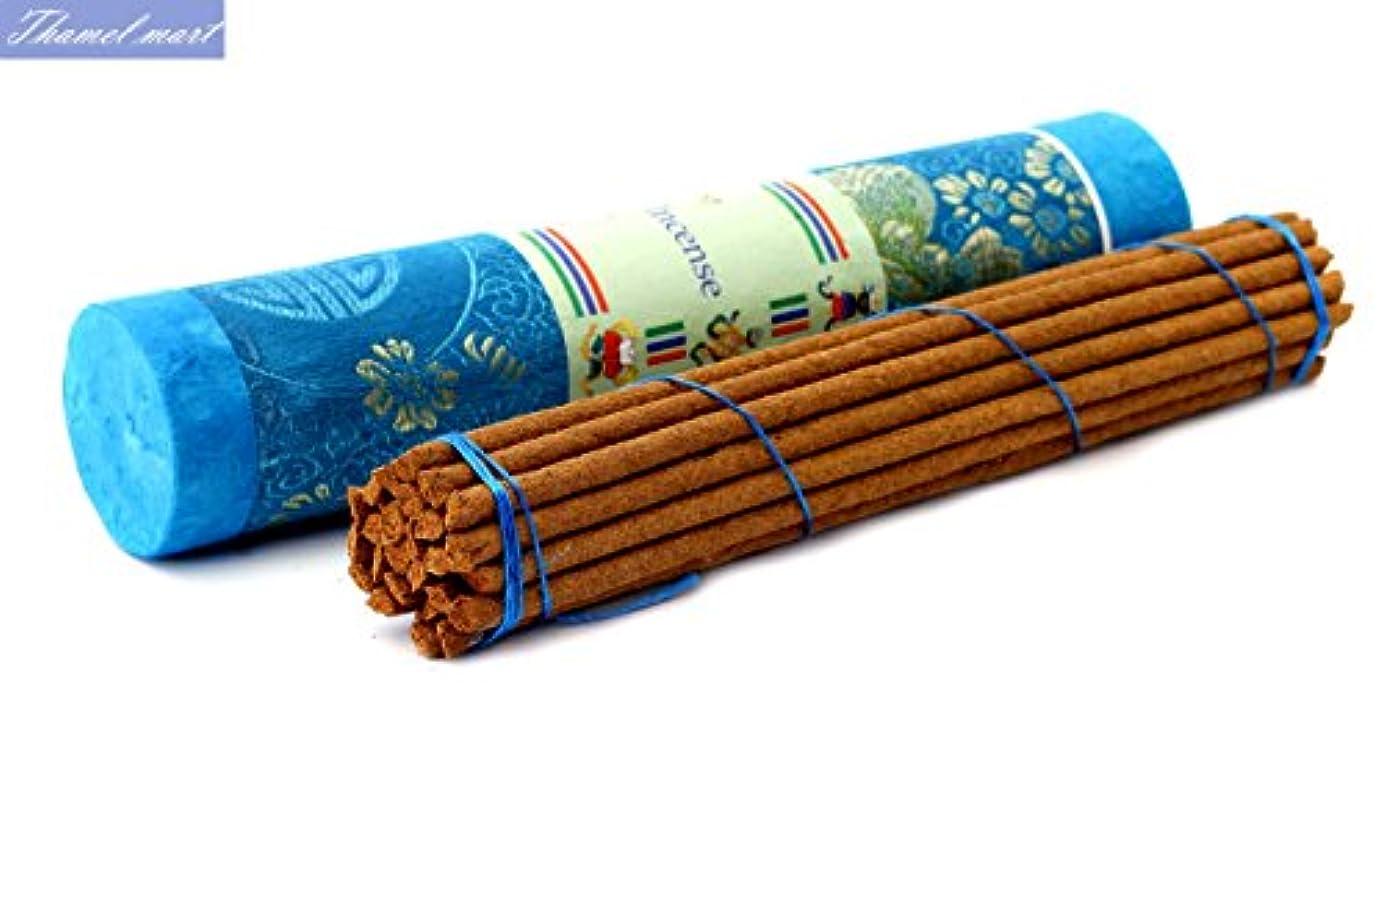 本質的ではない地域の椅子サンダルウッドチベットIncense Sticks – Spiritual & Medicinal Relaxation Potpourrisより – 効果的& Scented Oils